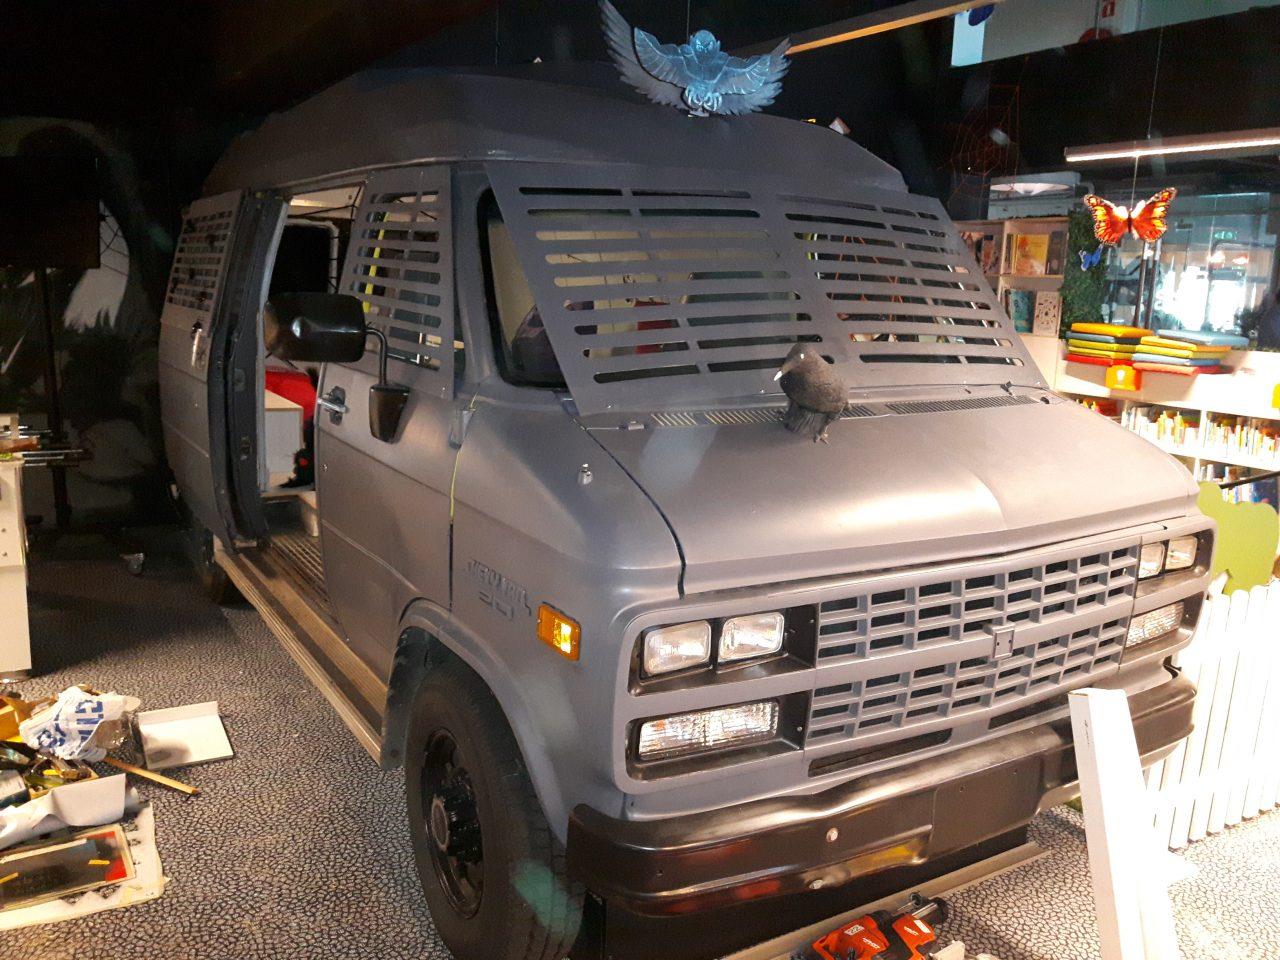 De Griezelbus. Een omgebouwde Chevrolet G20 bus voor de ZB|Bibliotheek Vlissingen. Kinderen kunnen nu heerlijk spelen in de bus. Als ze dat durven.